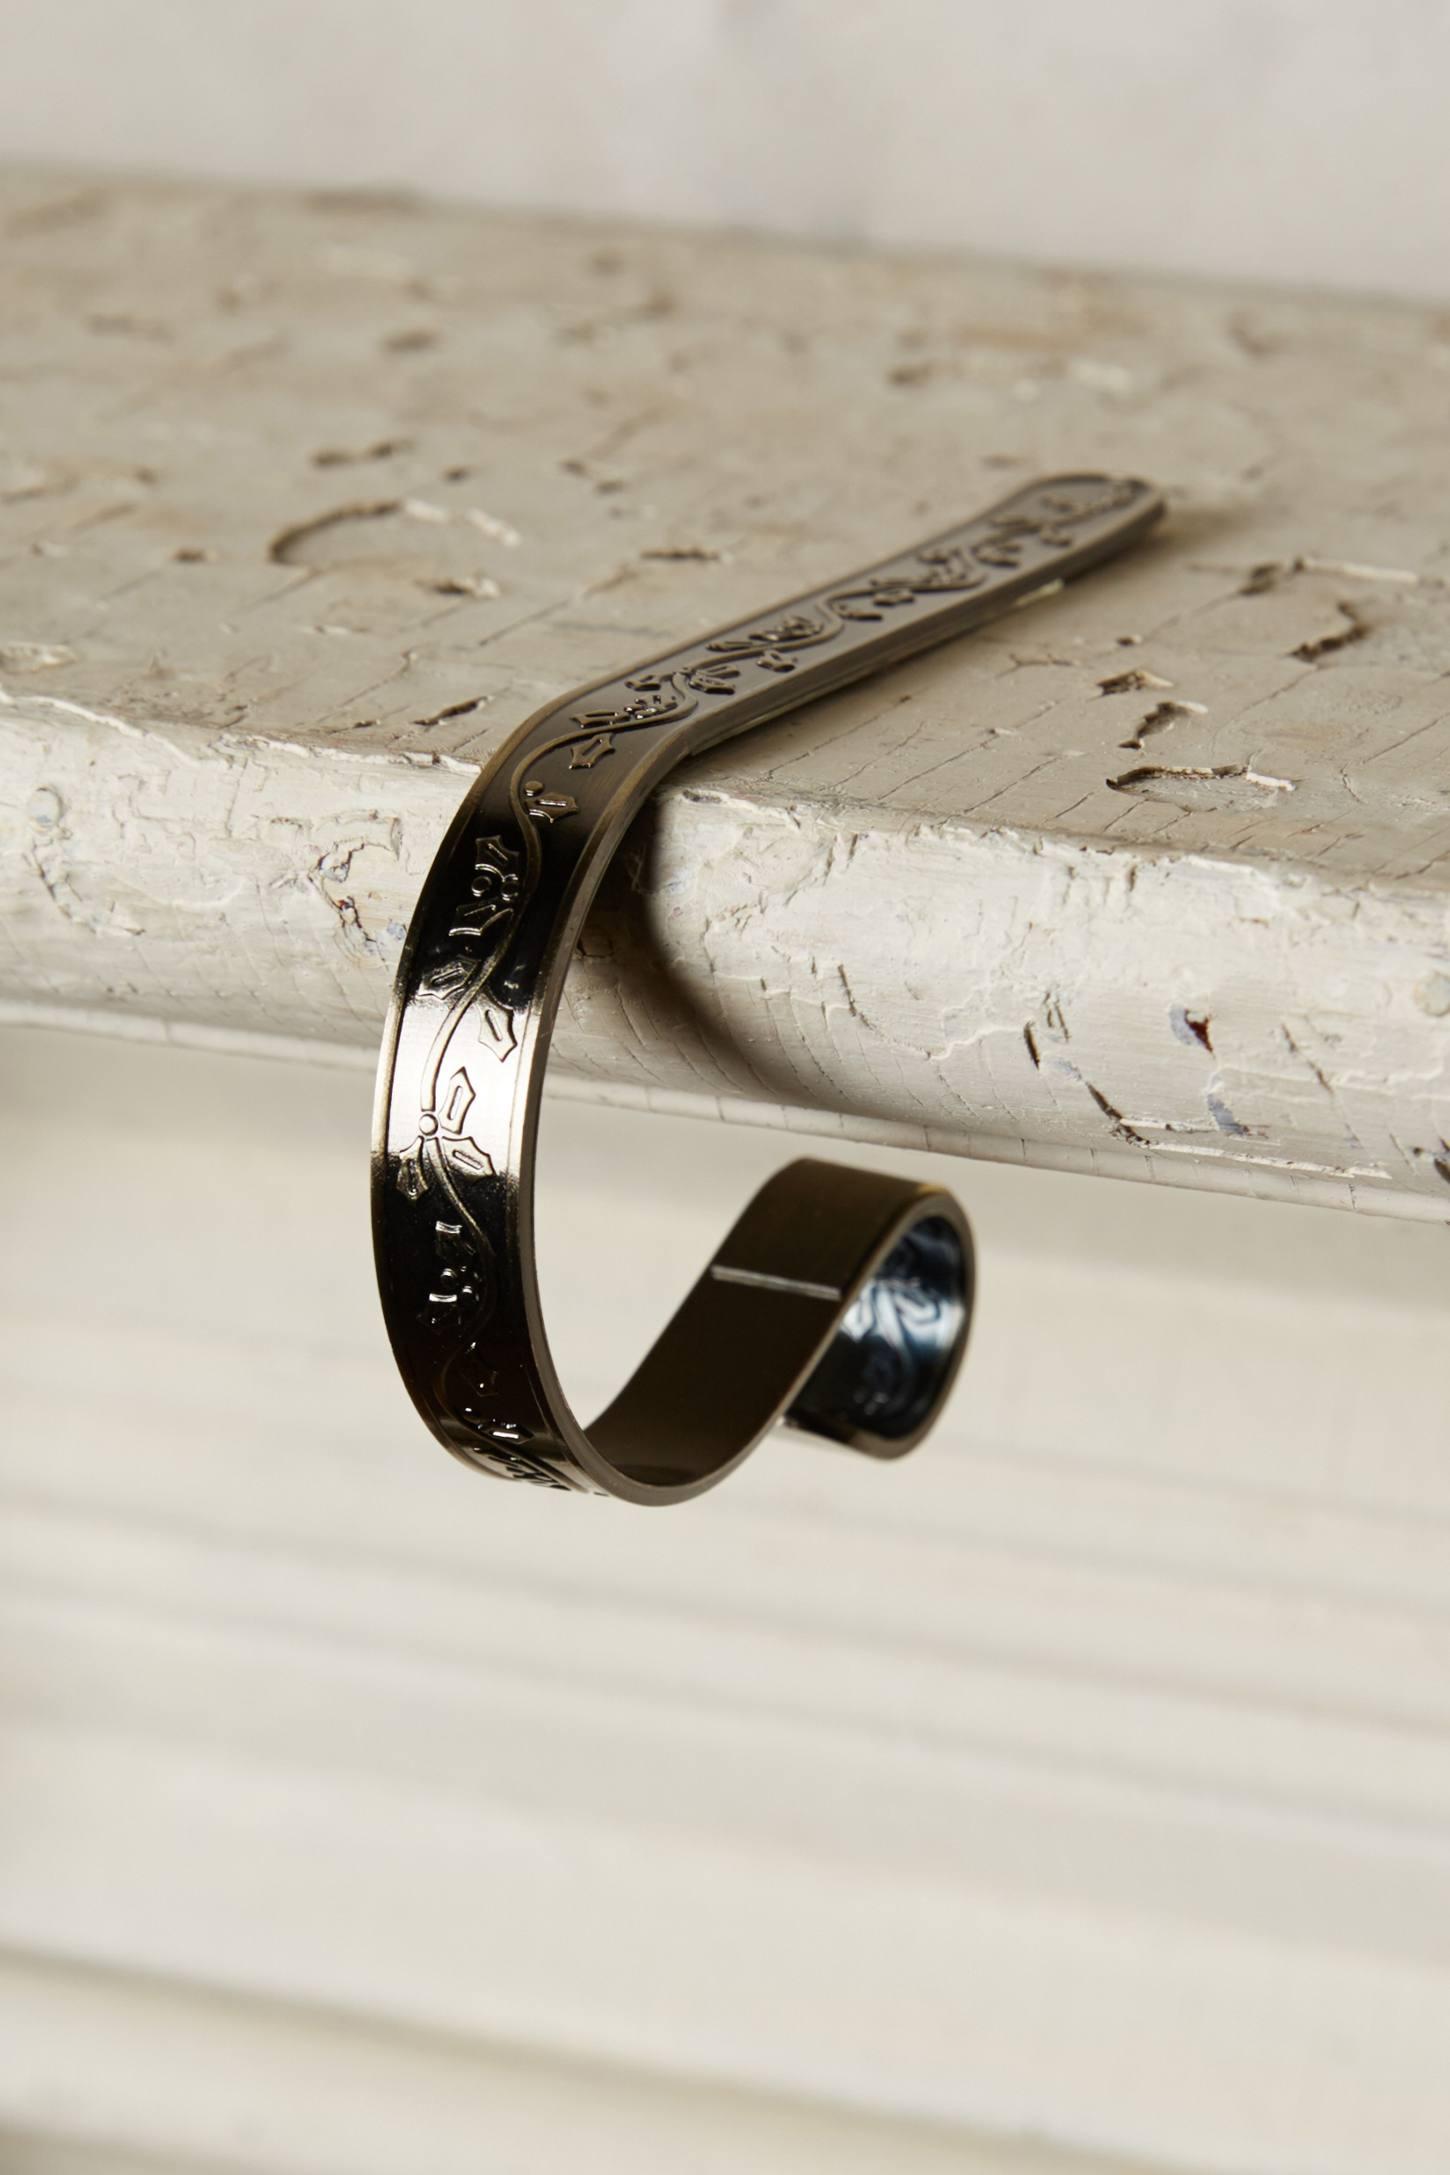 Embossed Metal Mantel Clips